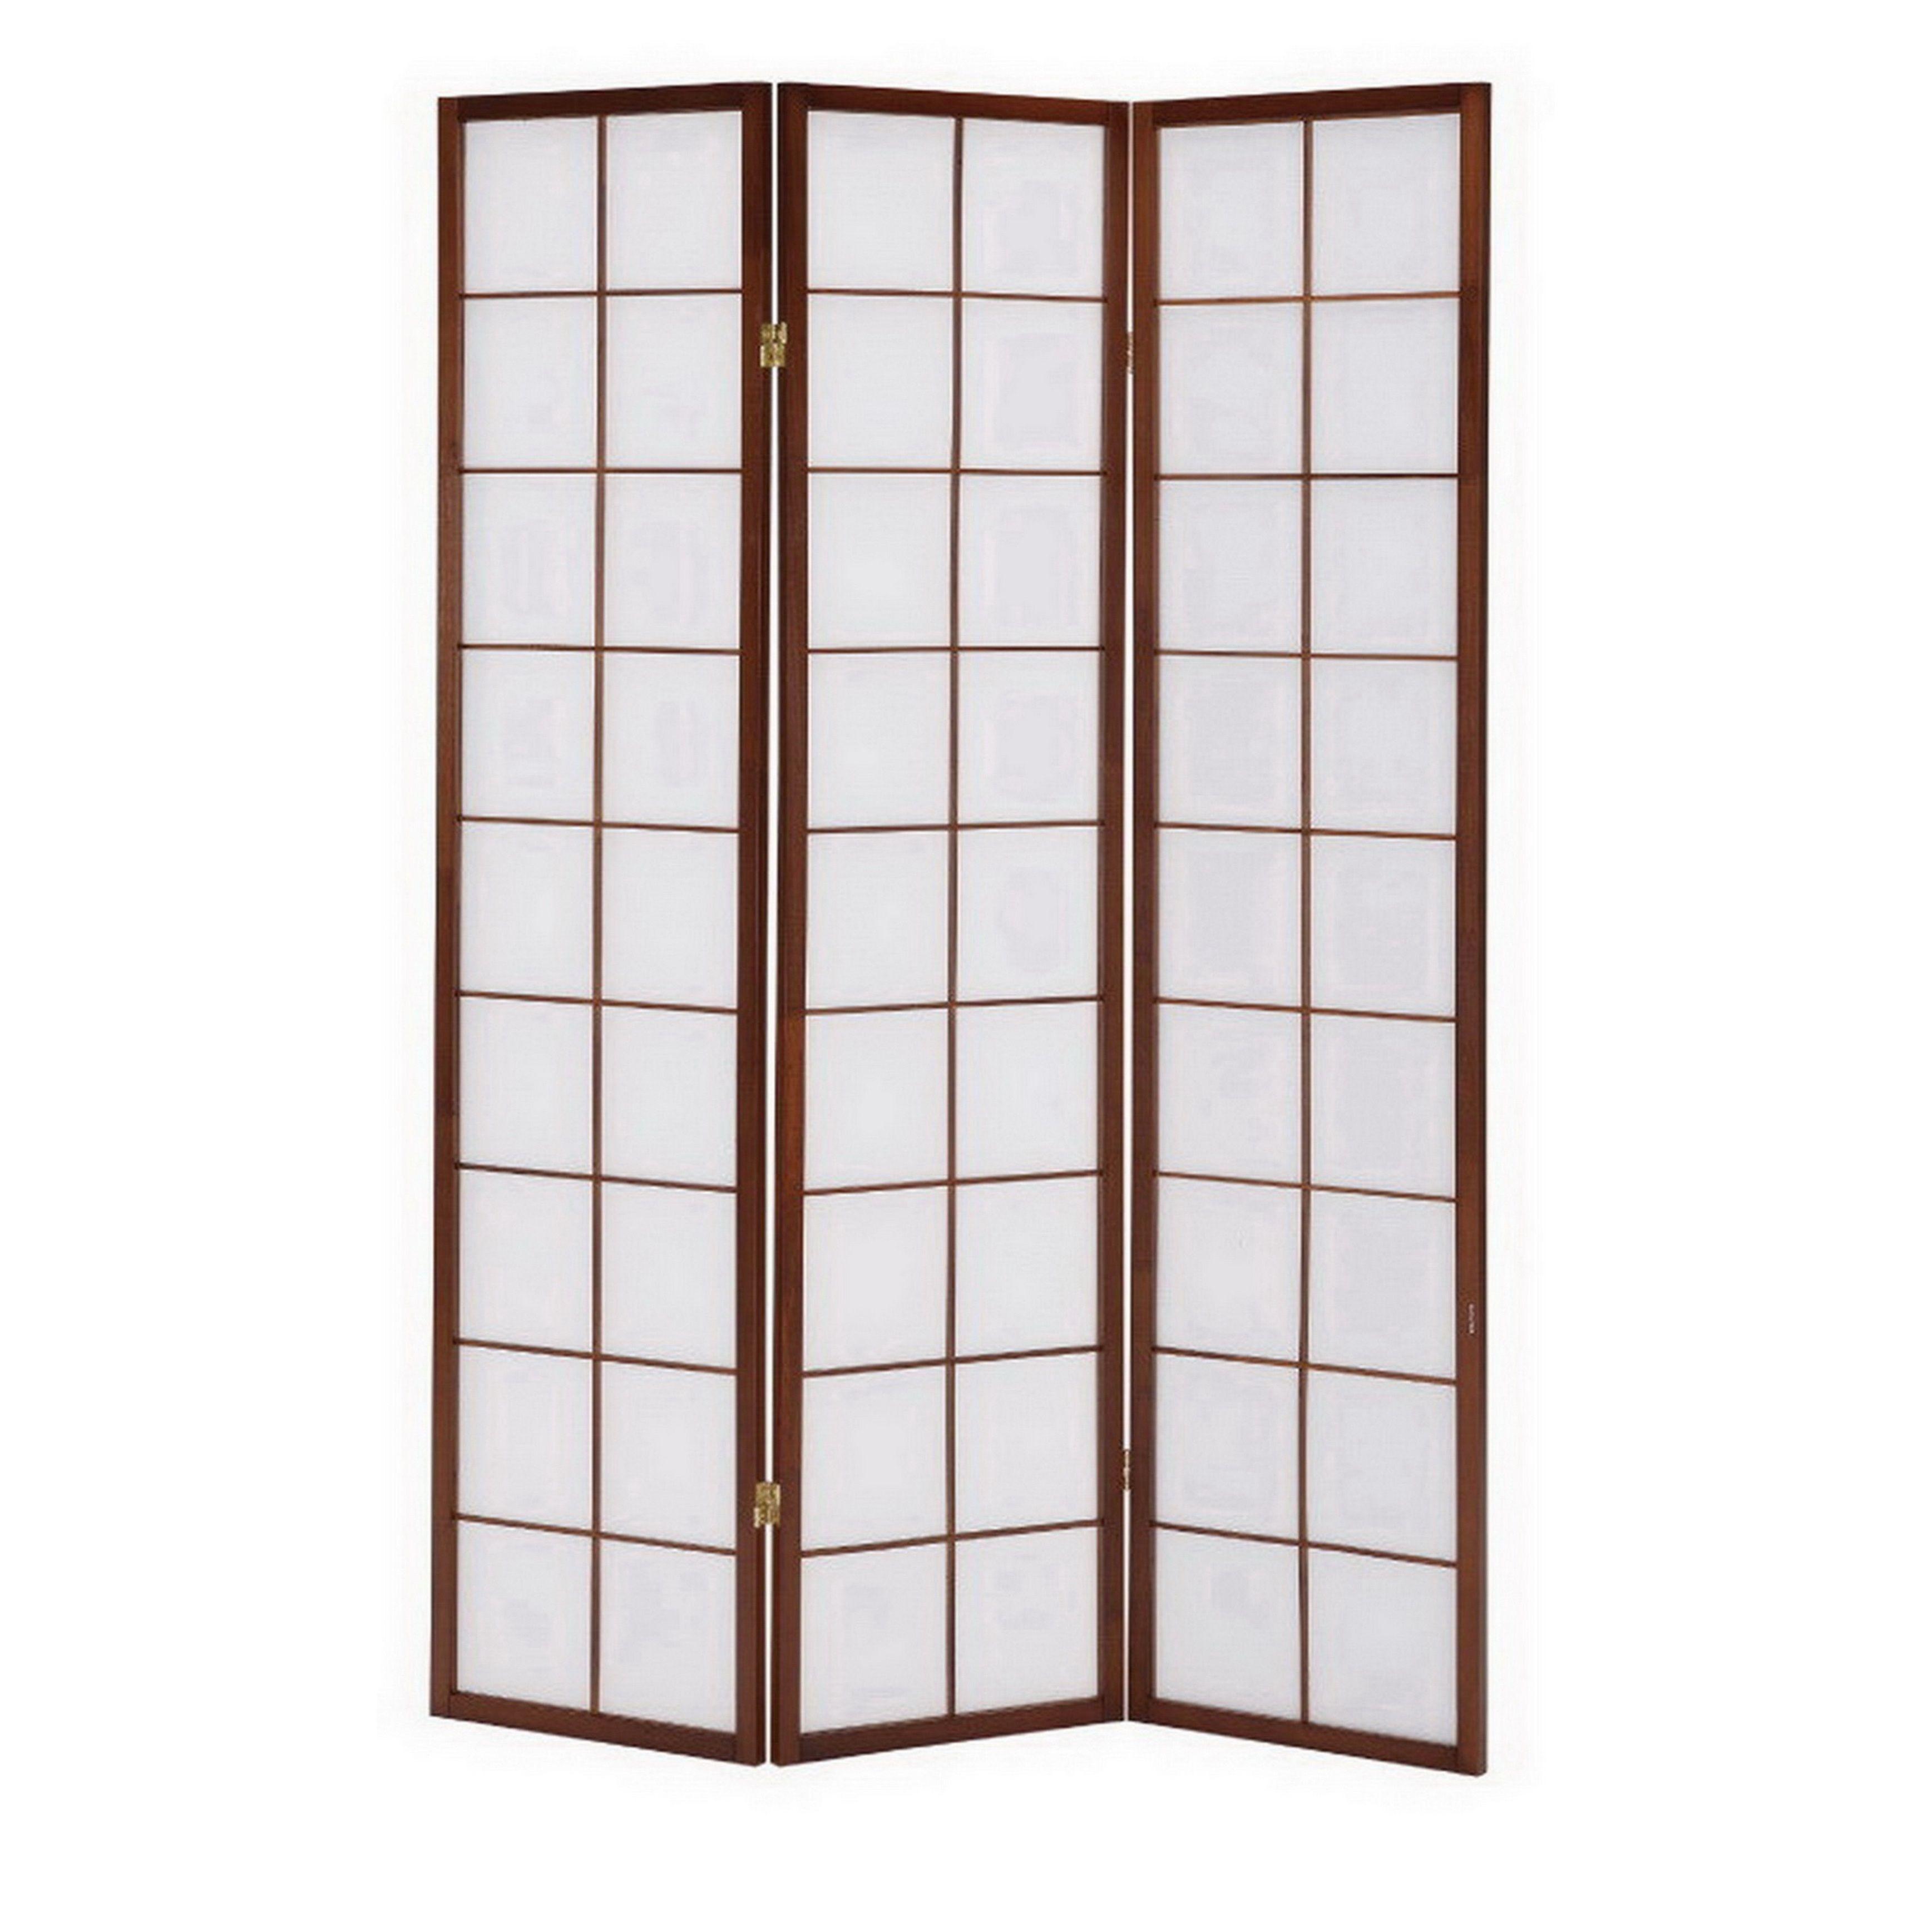 Lyke Home /Off-white Tri-fold Room Divider